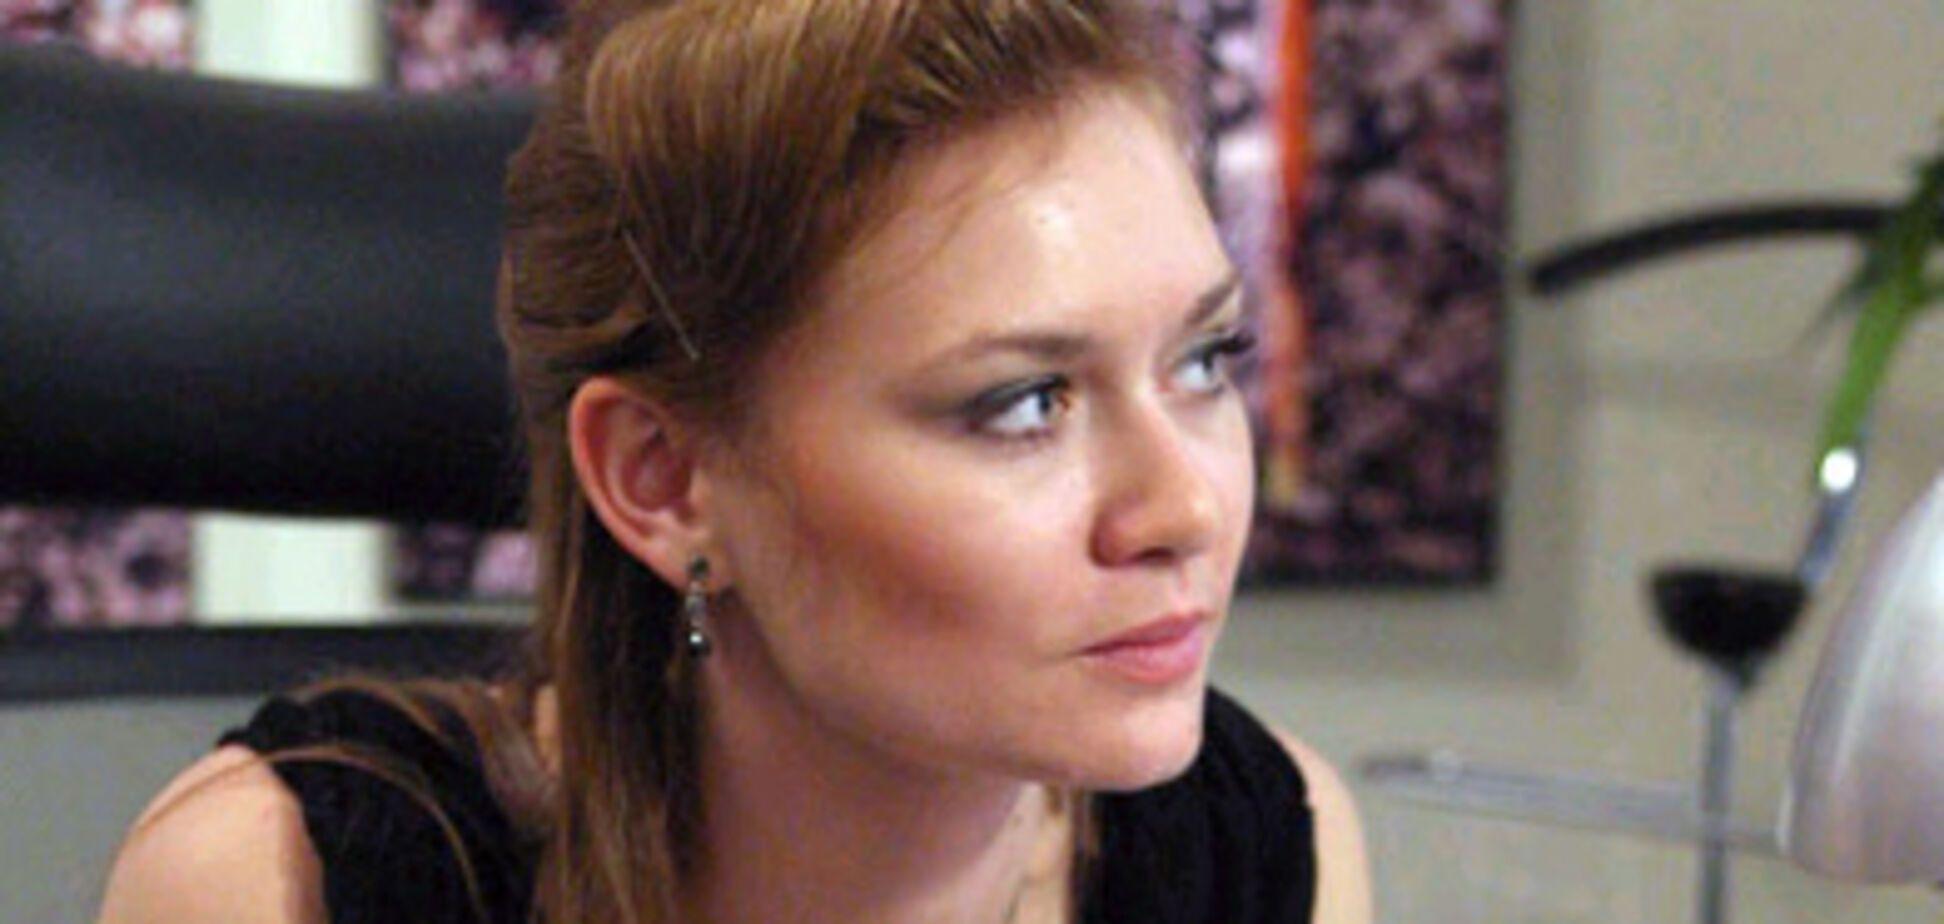 Мария Машкова отмечает 35-летие: куда пропала Тропинкина из 'Не родись красивой' и как выглядит сейчас